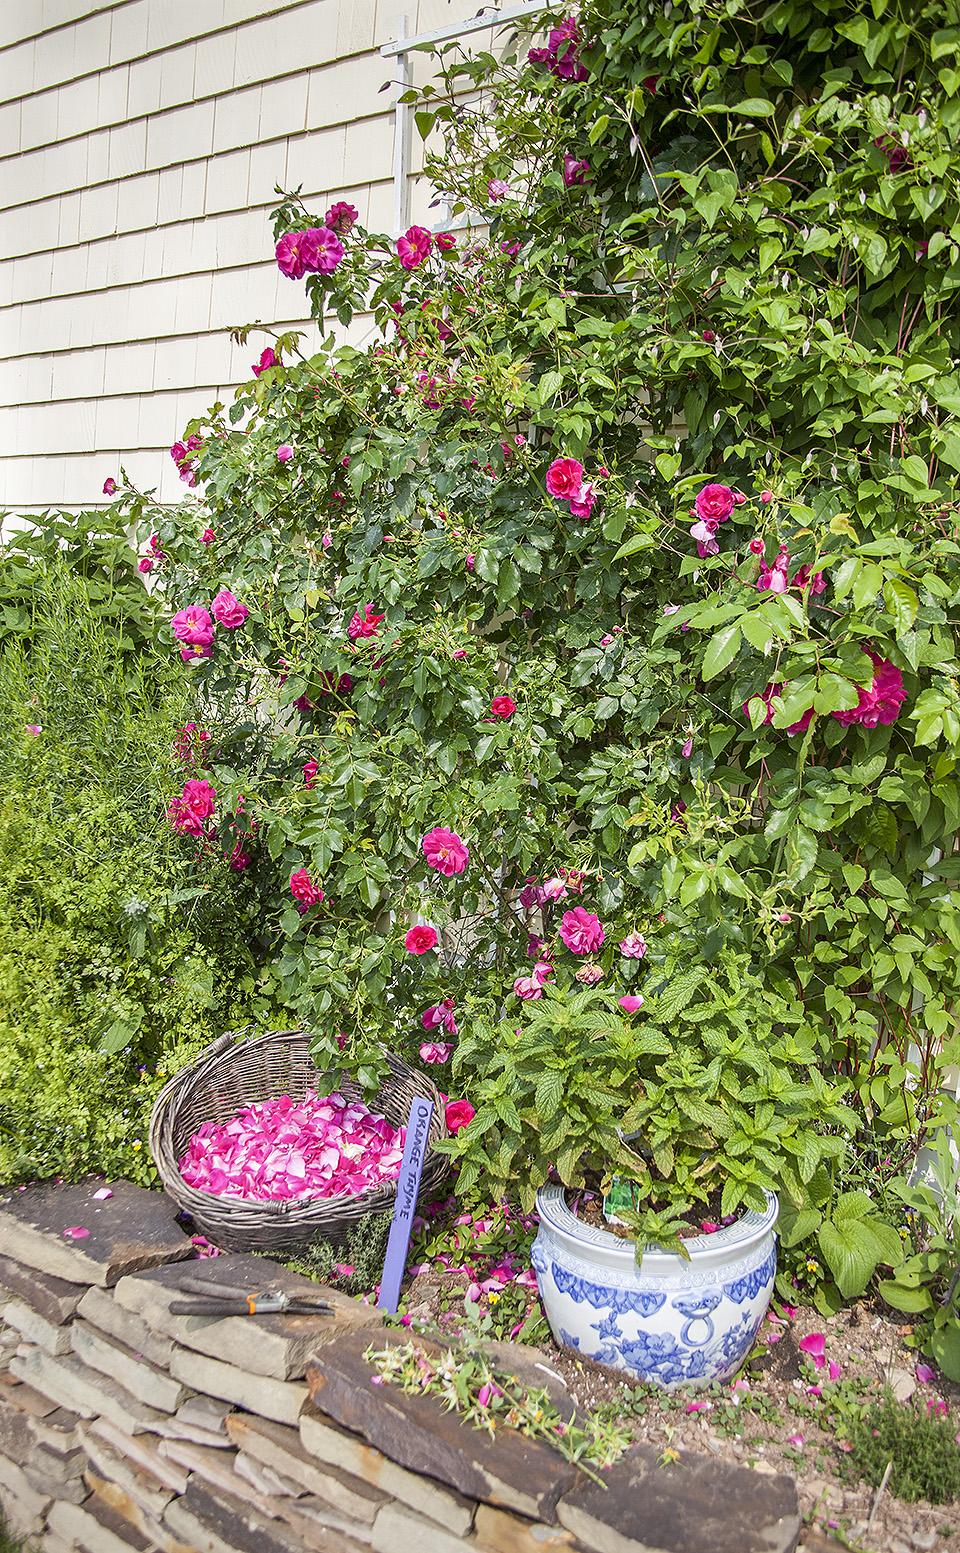 rose petal tea - bitebymichelle.com